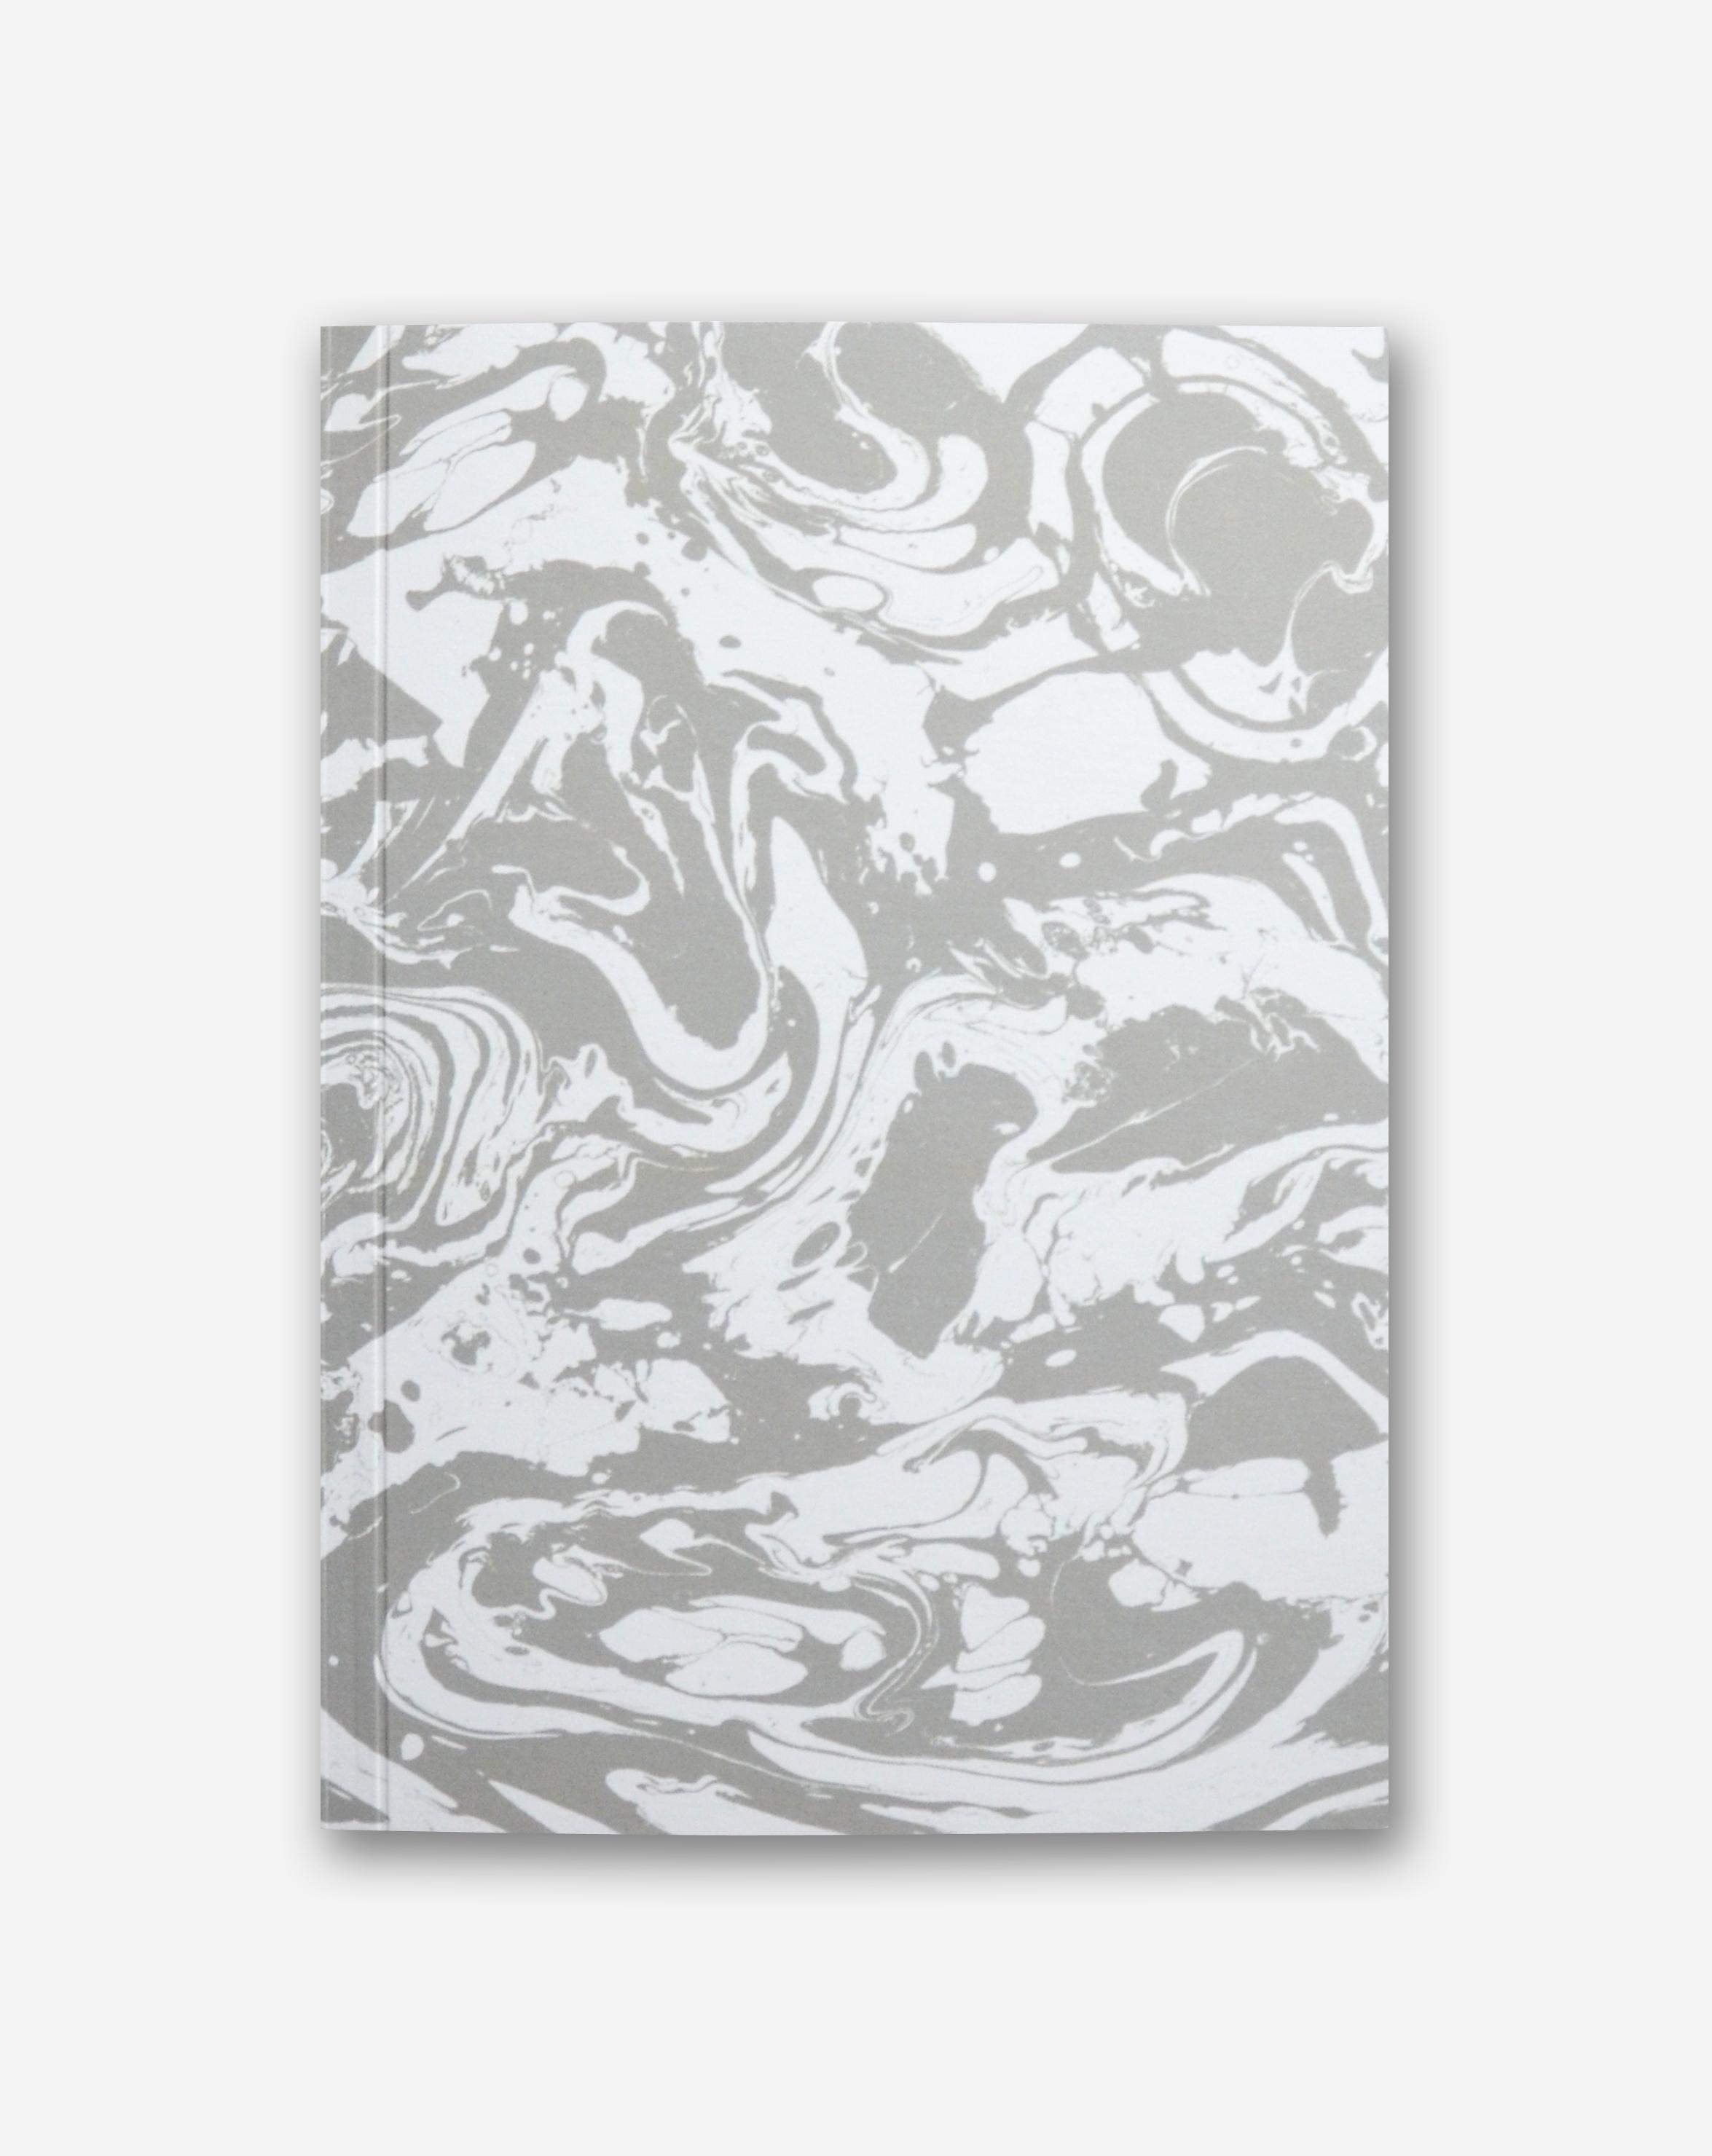 A6 Notebook Photograph - Grey.jpg